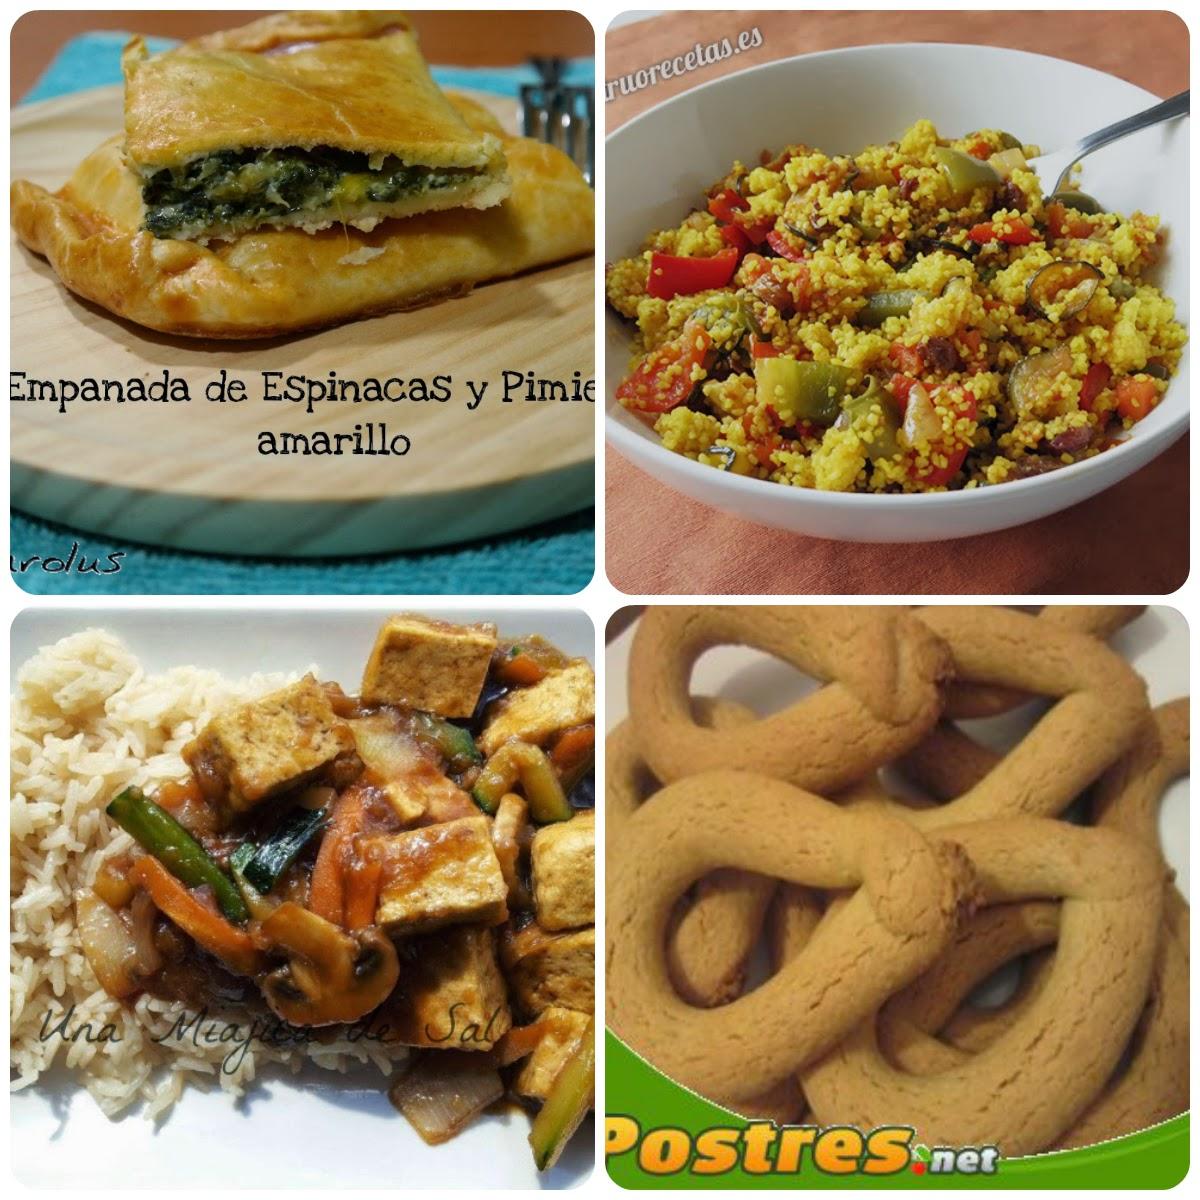 Los 4 platos que componen el 07 Menú vegetariano con recetas de otros blogs.